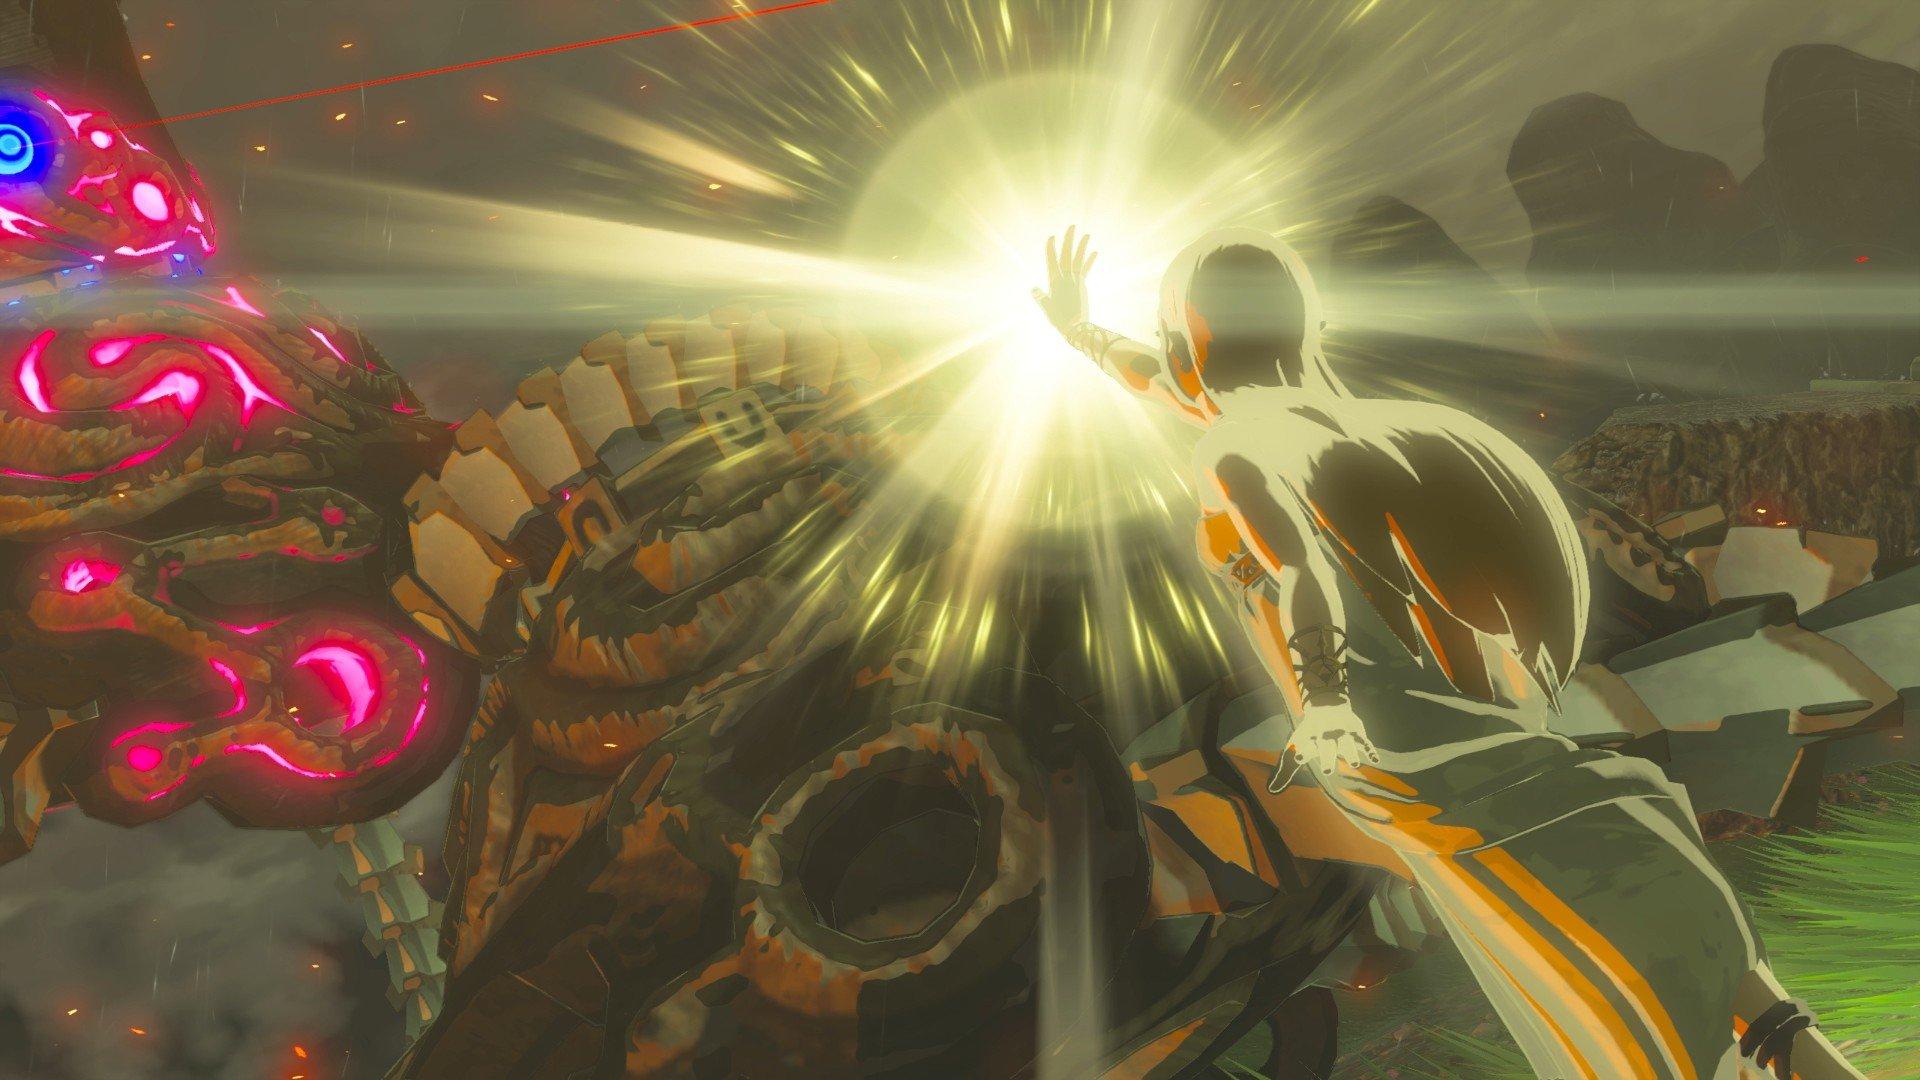 Como Sera El Proximo Zelda Tras Breath Of The Wild Nintendo Switch